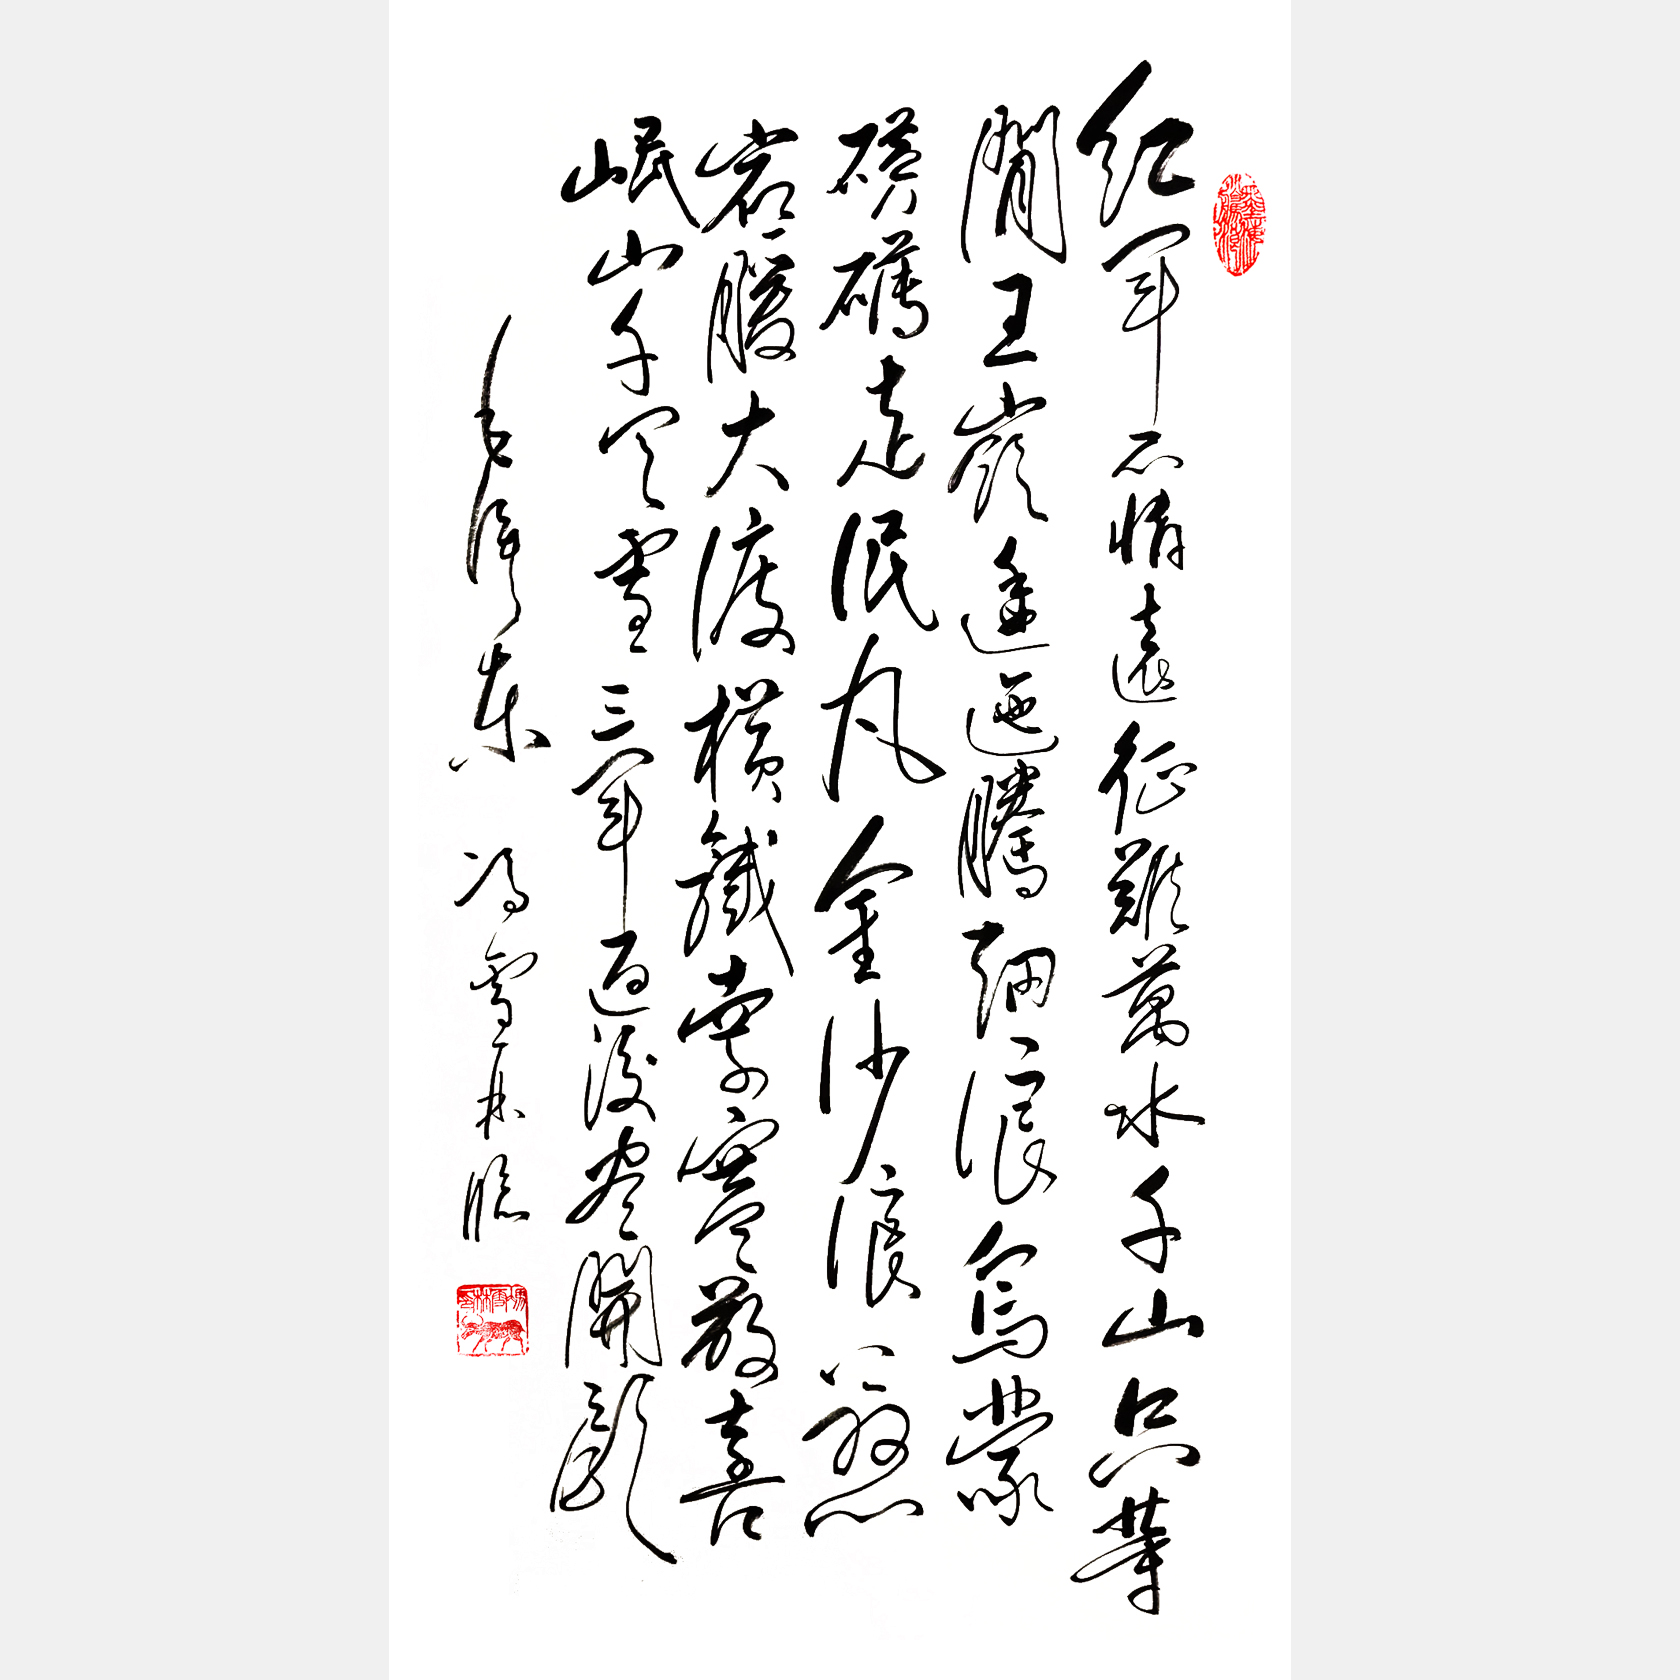 毛主席《七律・长征》行草书法作品 红军不怕远征难书法作品 红色诗词字画